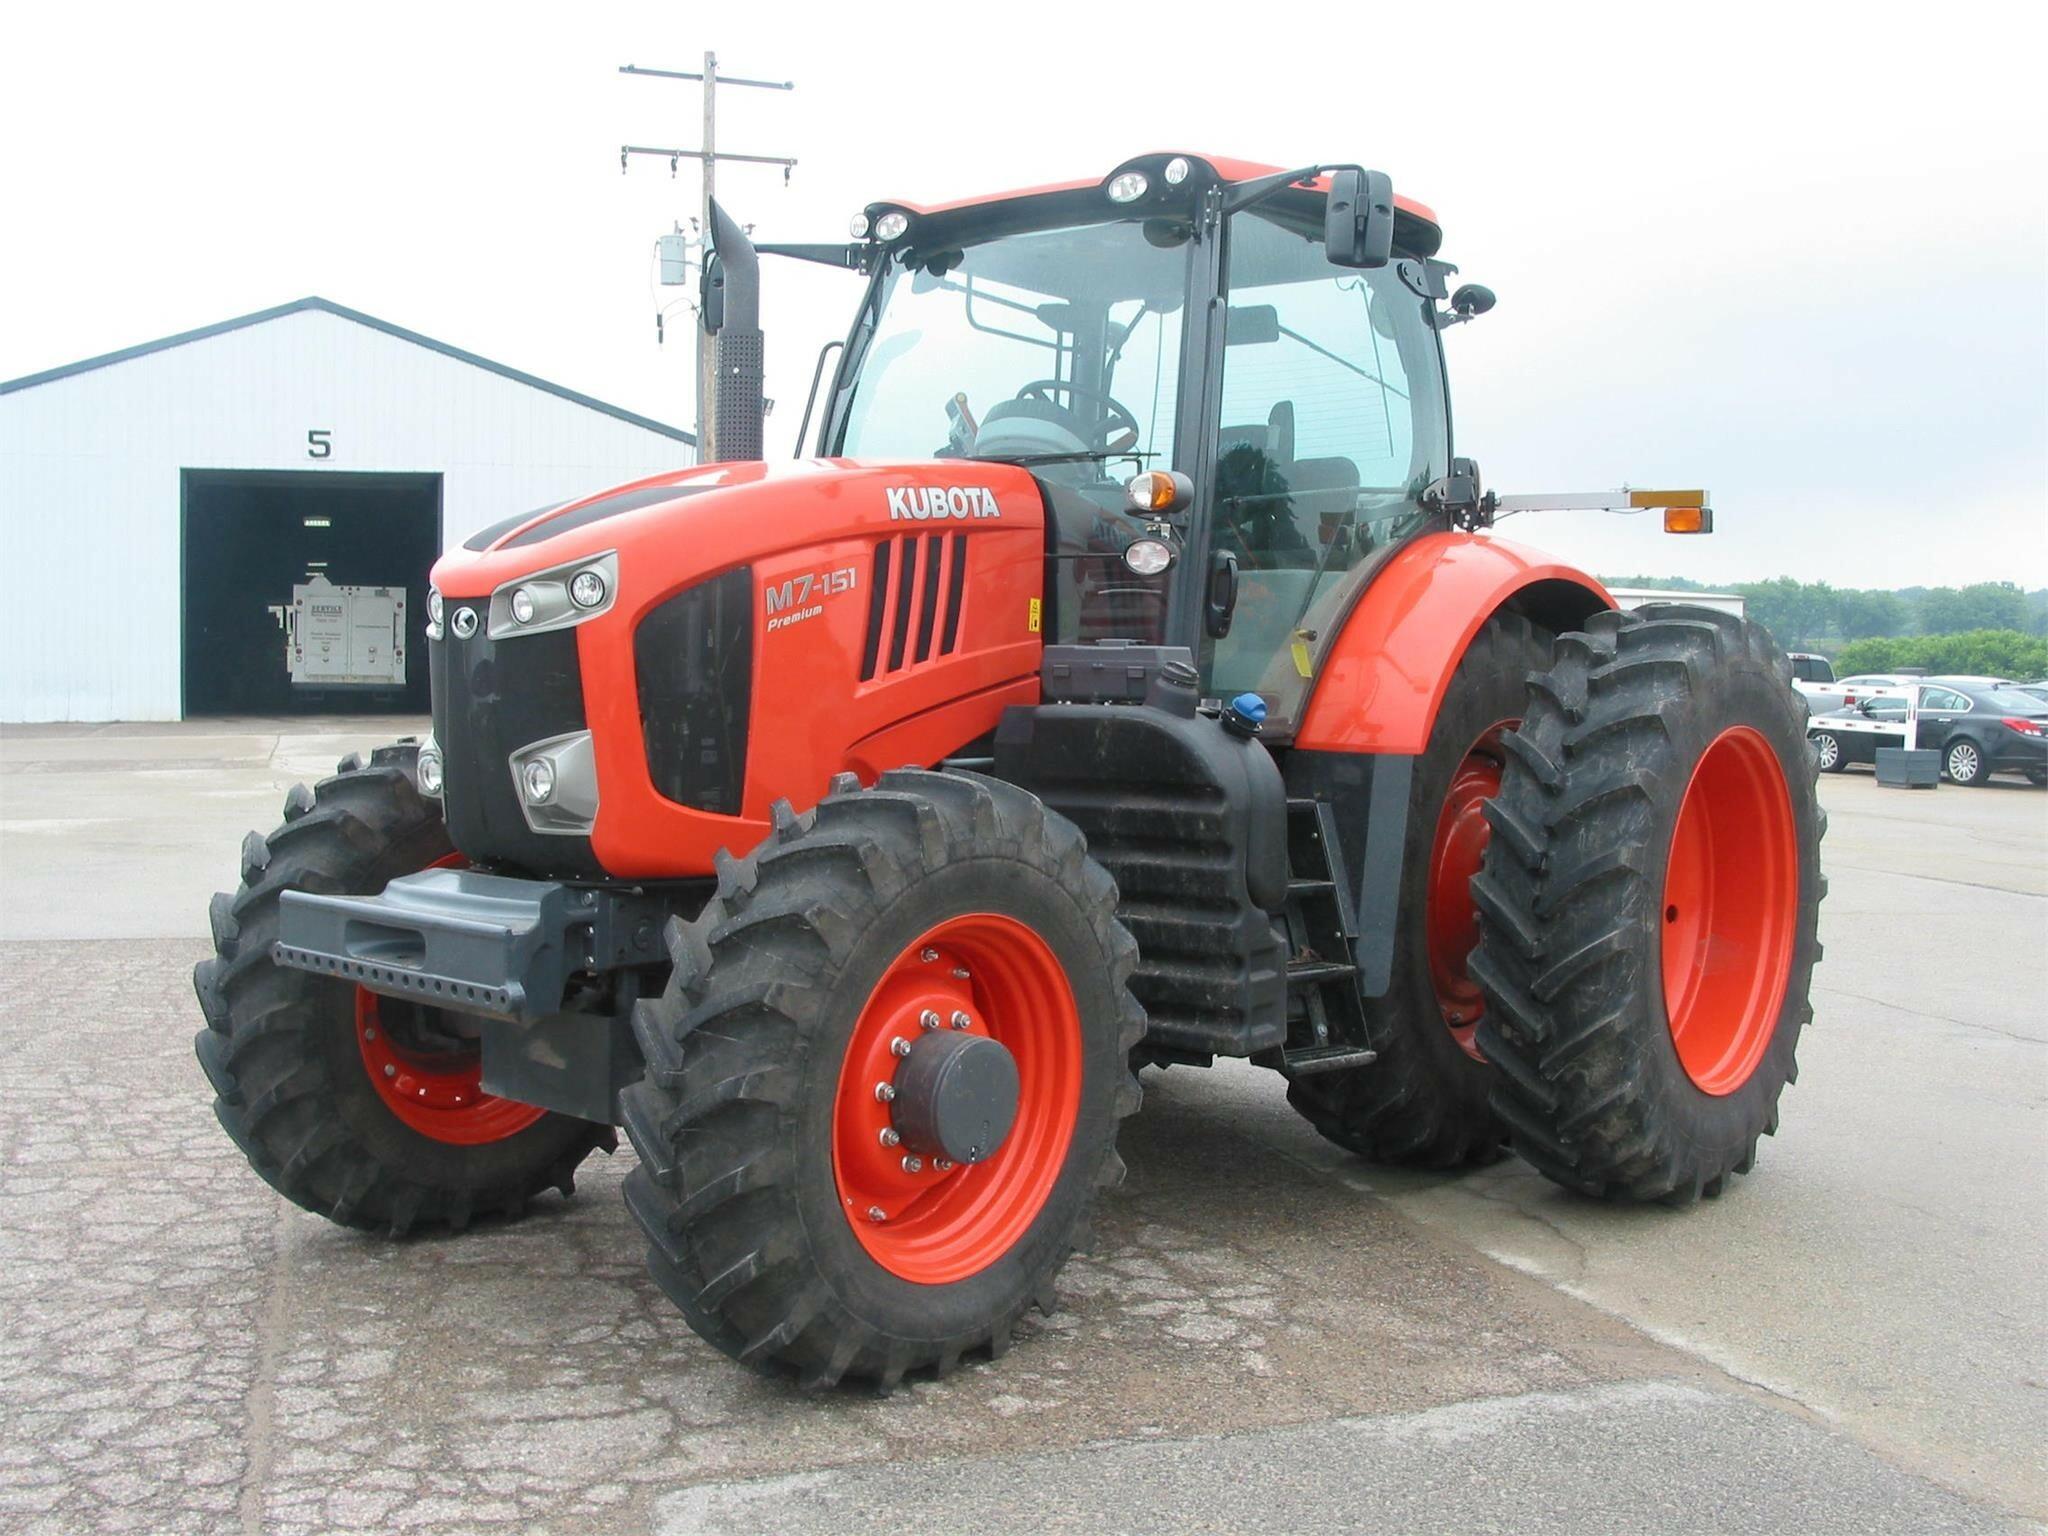 2016 Kubota M7-151 Tractor